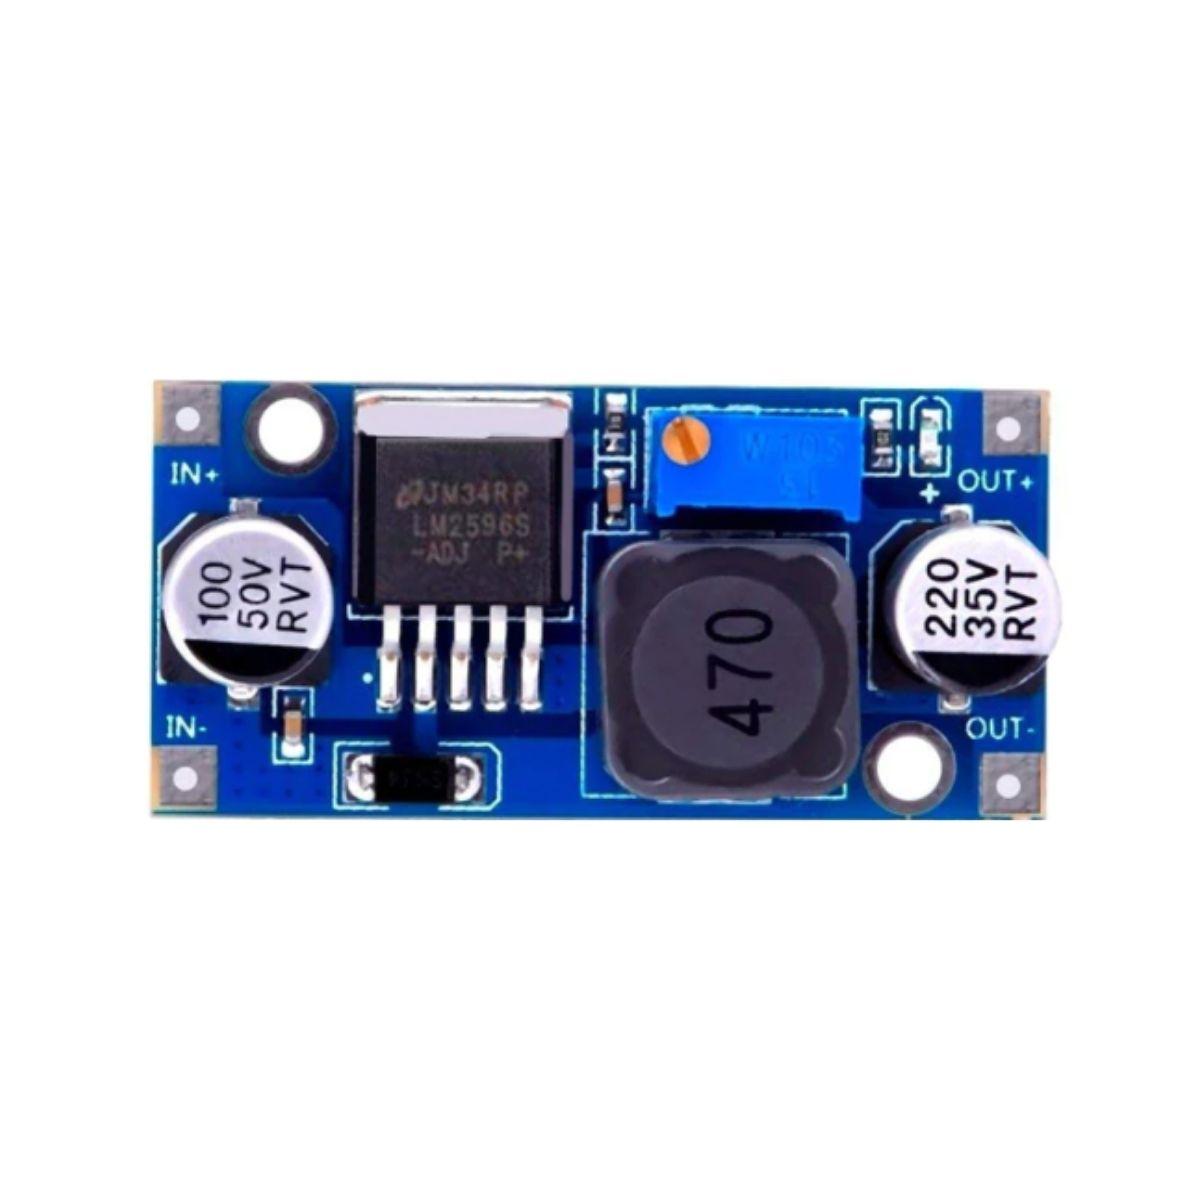 50x Regulador de Tensão Step Down Buck Conversor Dc Dc Lm2596 3a